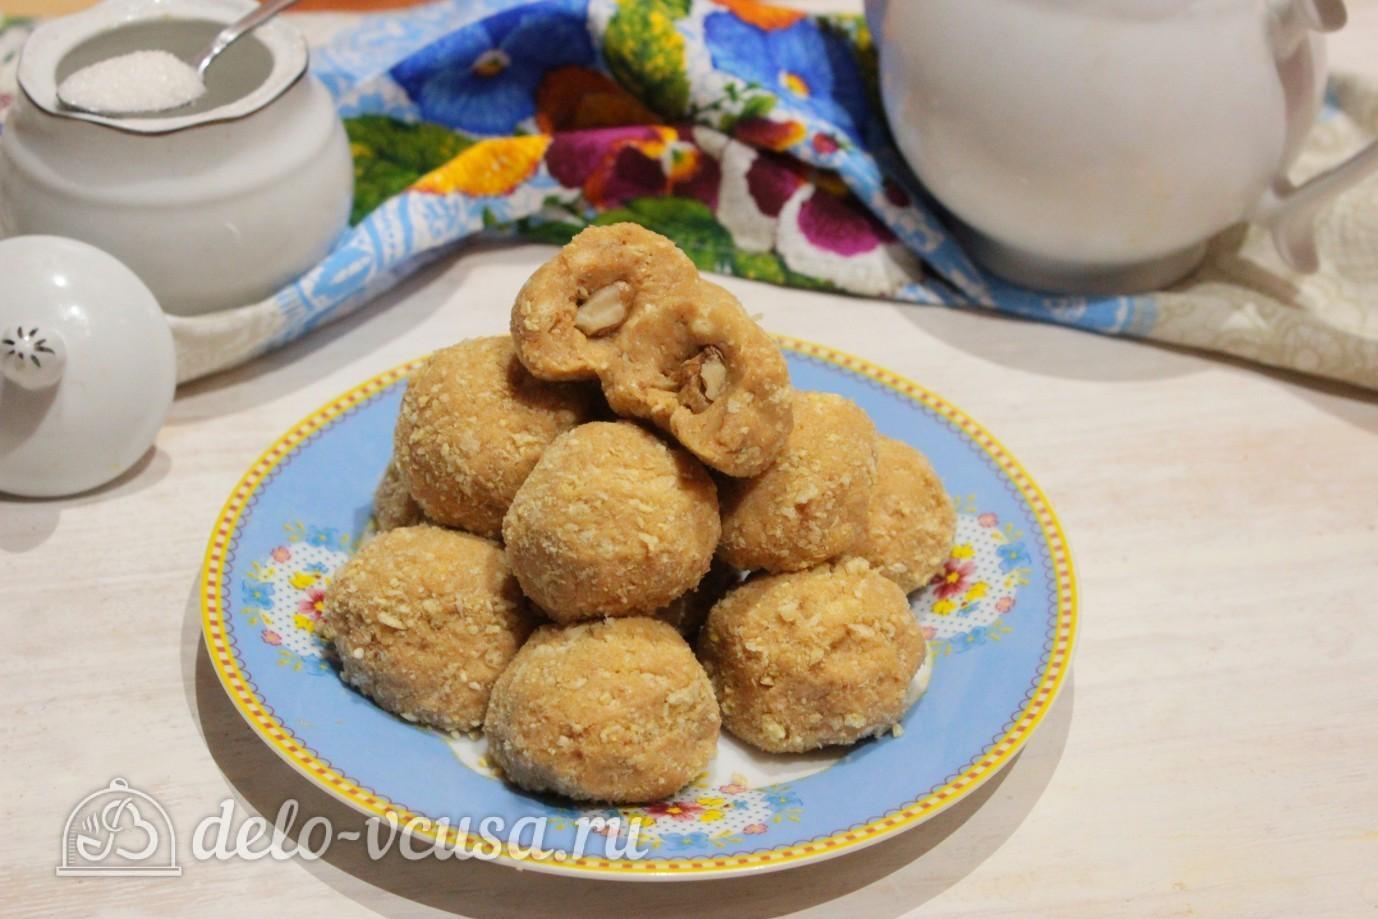 Рецепт сладкой картошки из печенья со сгущенкой пошагово